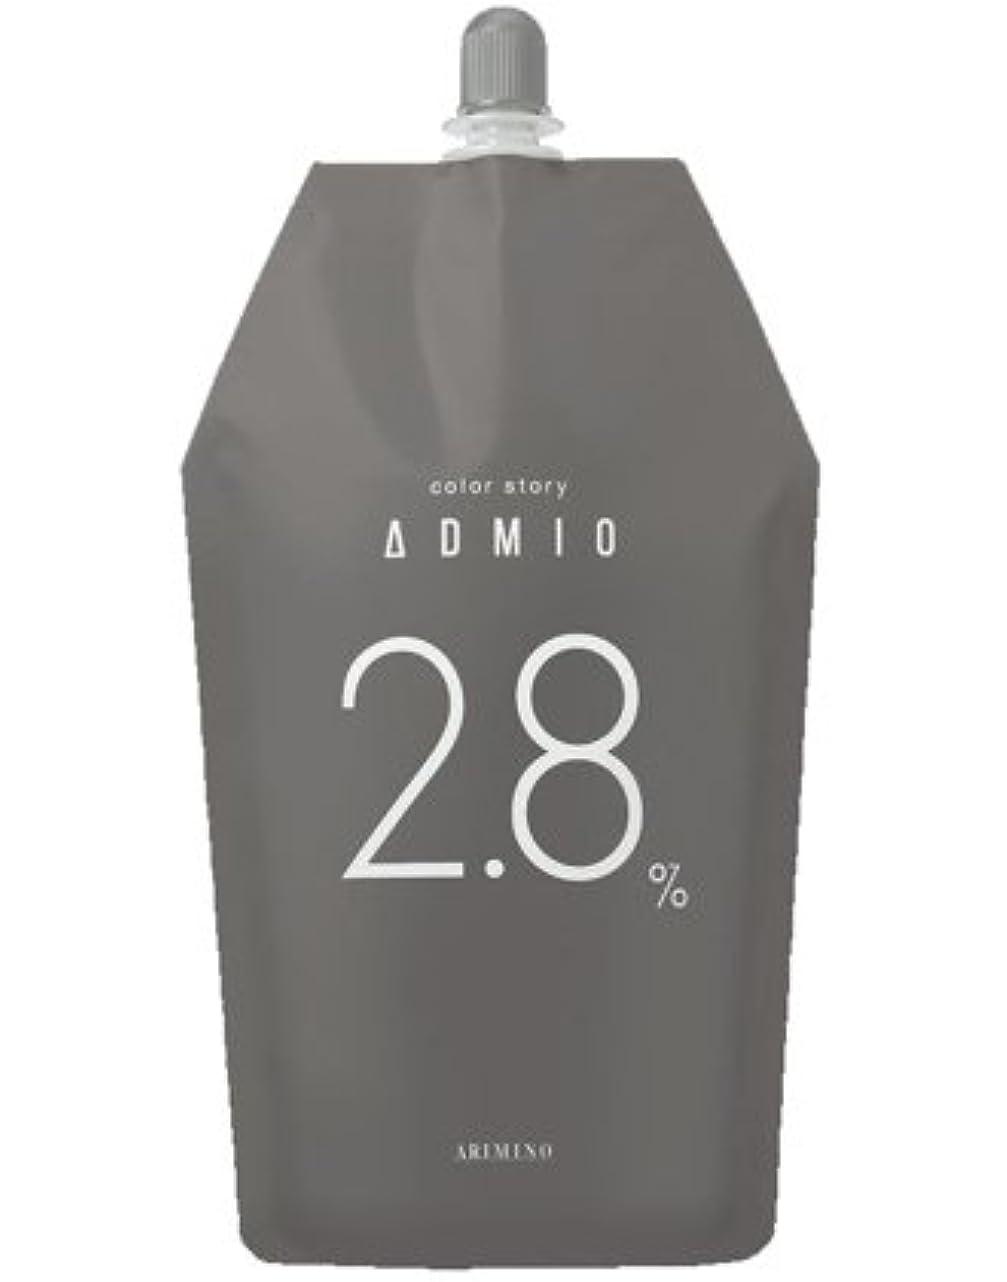 キャンバスマネージャーファイアル【アリミノ】カラーストーリー アドミオ OX 2.8% 1000ml